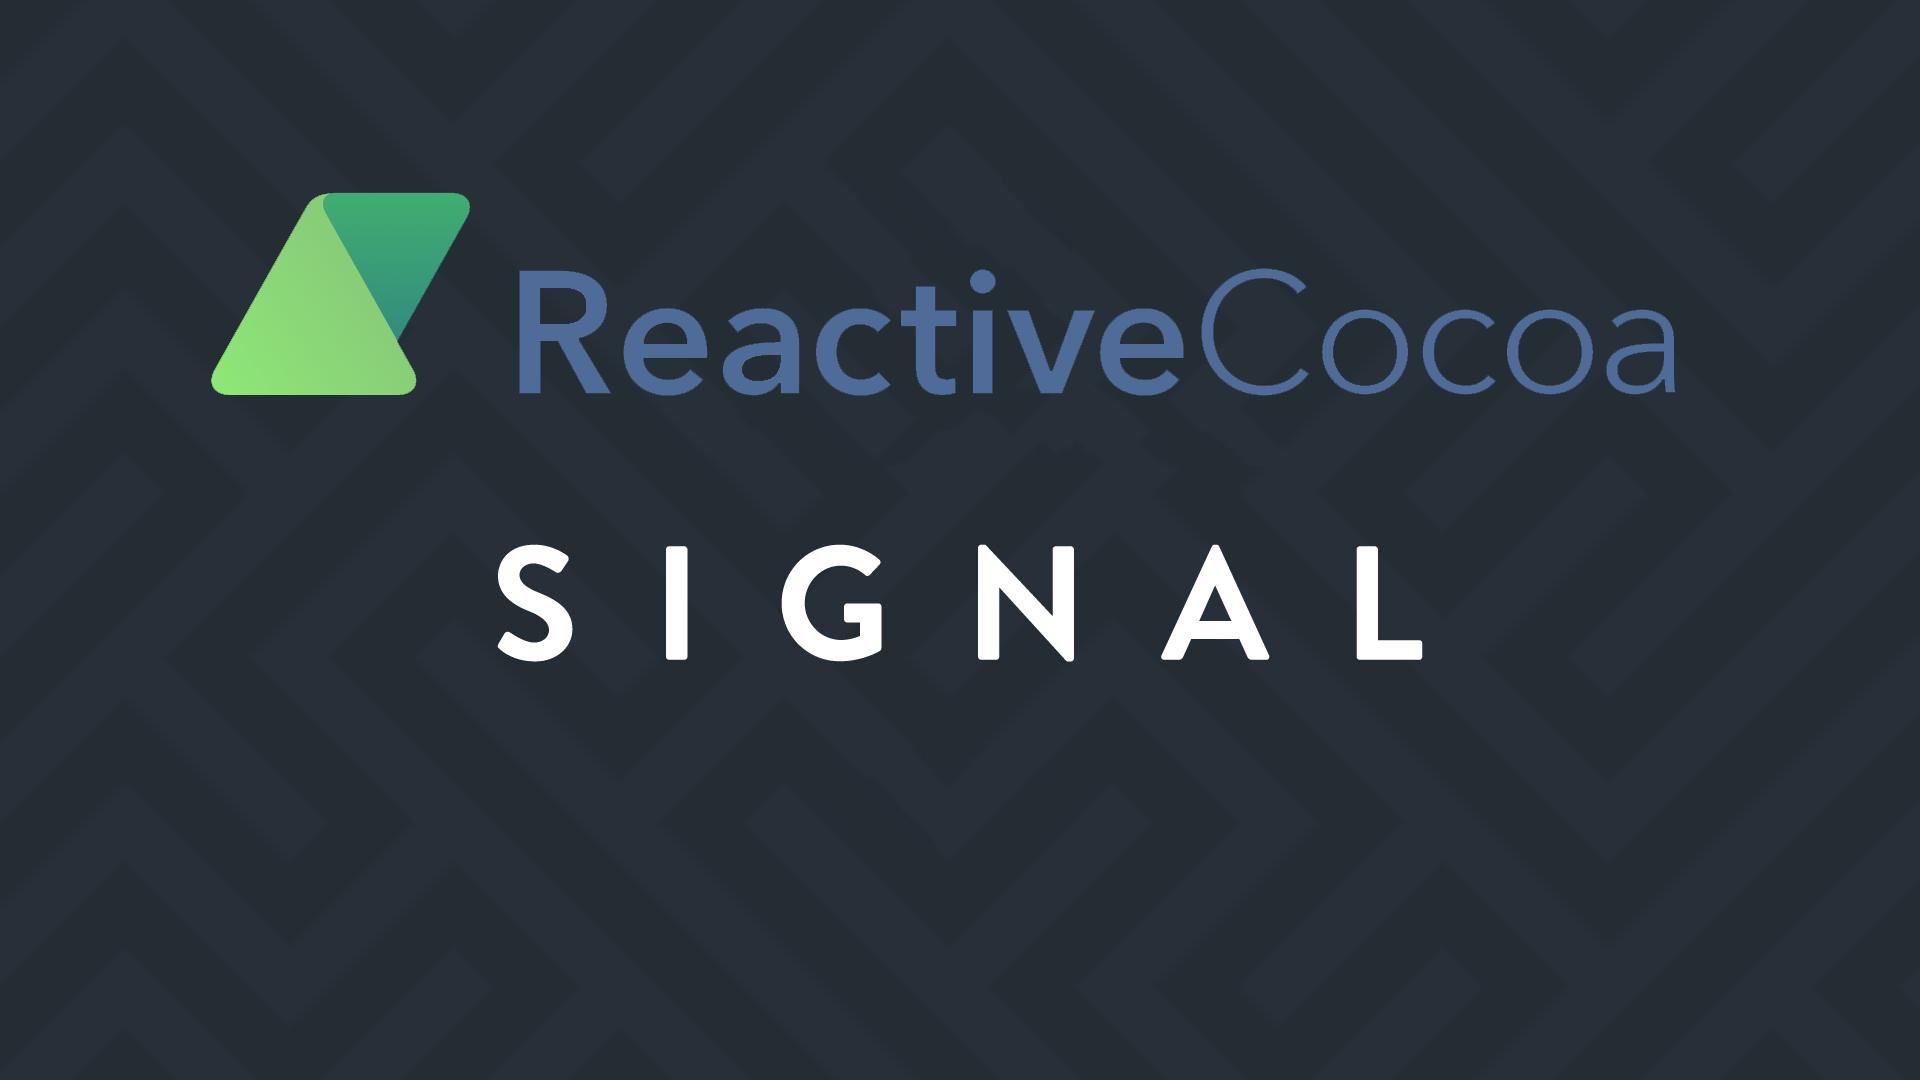 ReactiveCocoa 中 RACSignal 是如何发送信号的